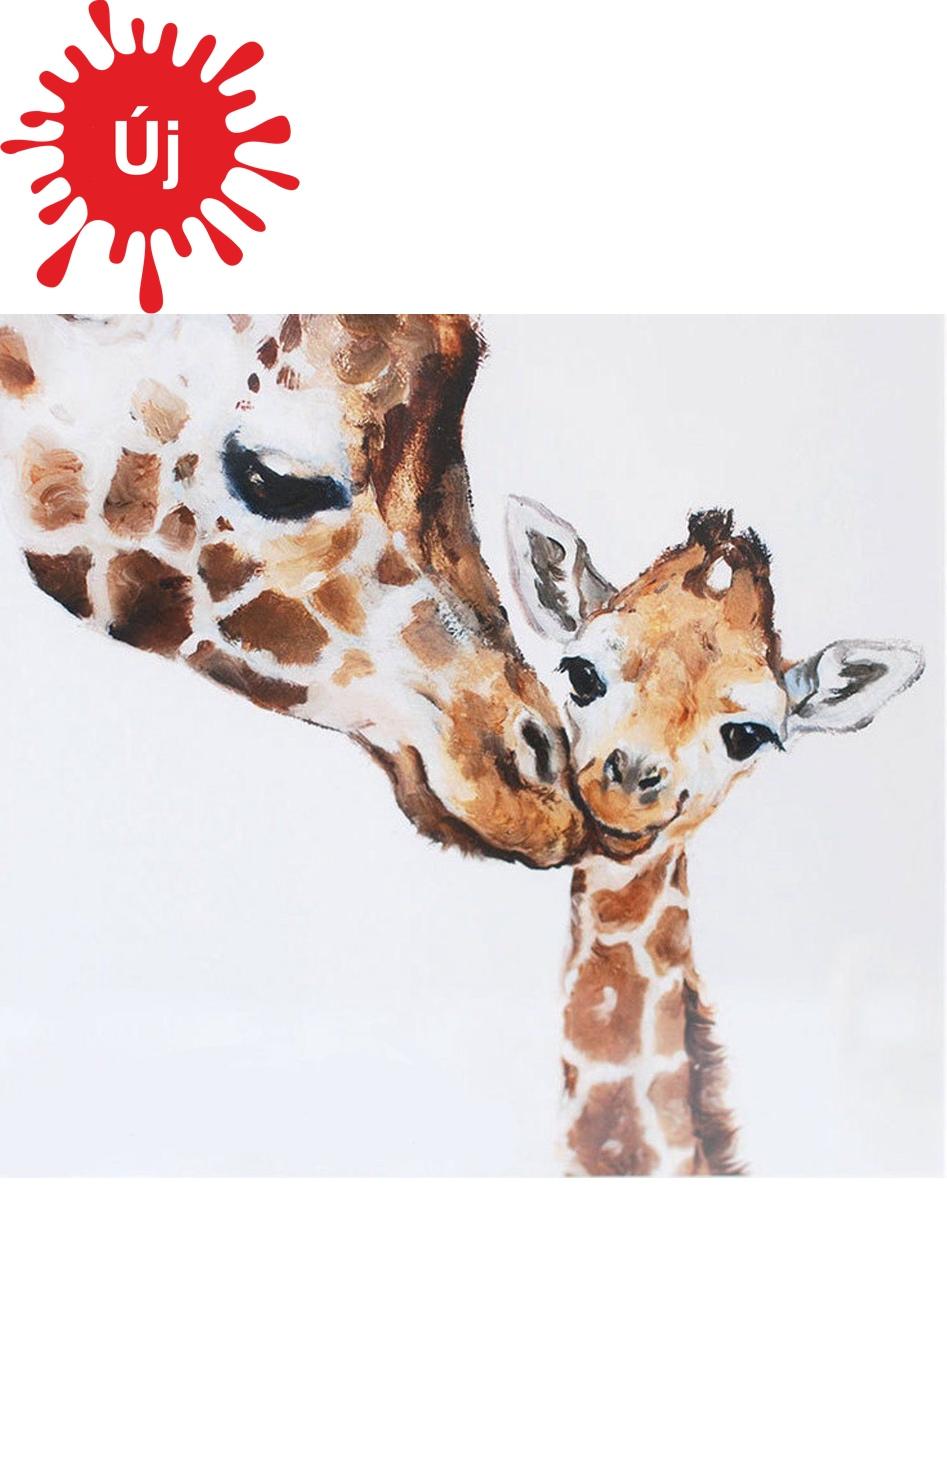 Zsiráf mama a gyermekével - YourArt - Otthoni élményfestő szett